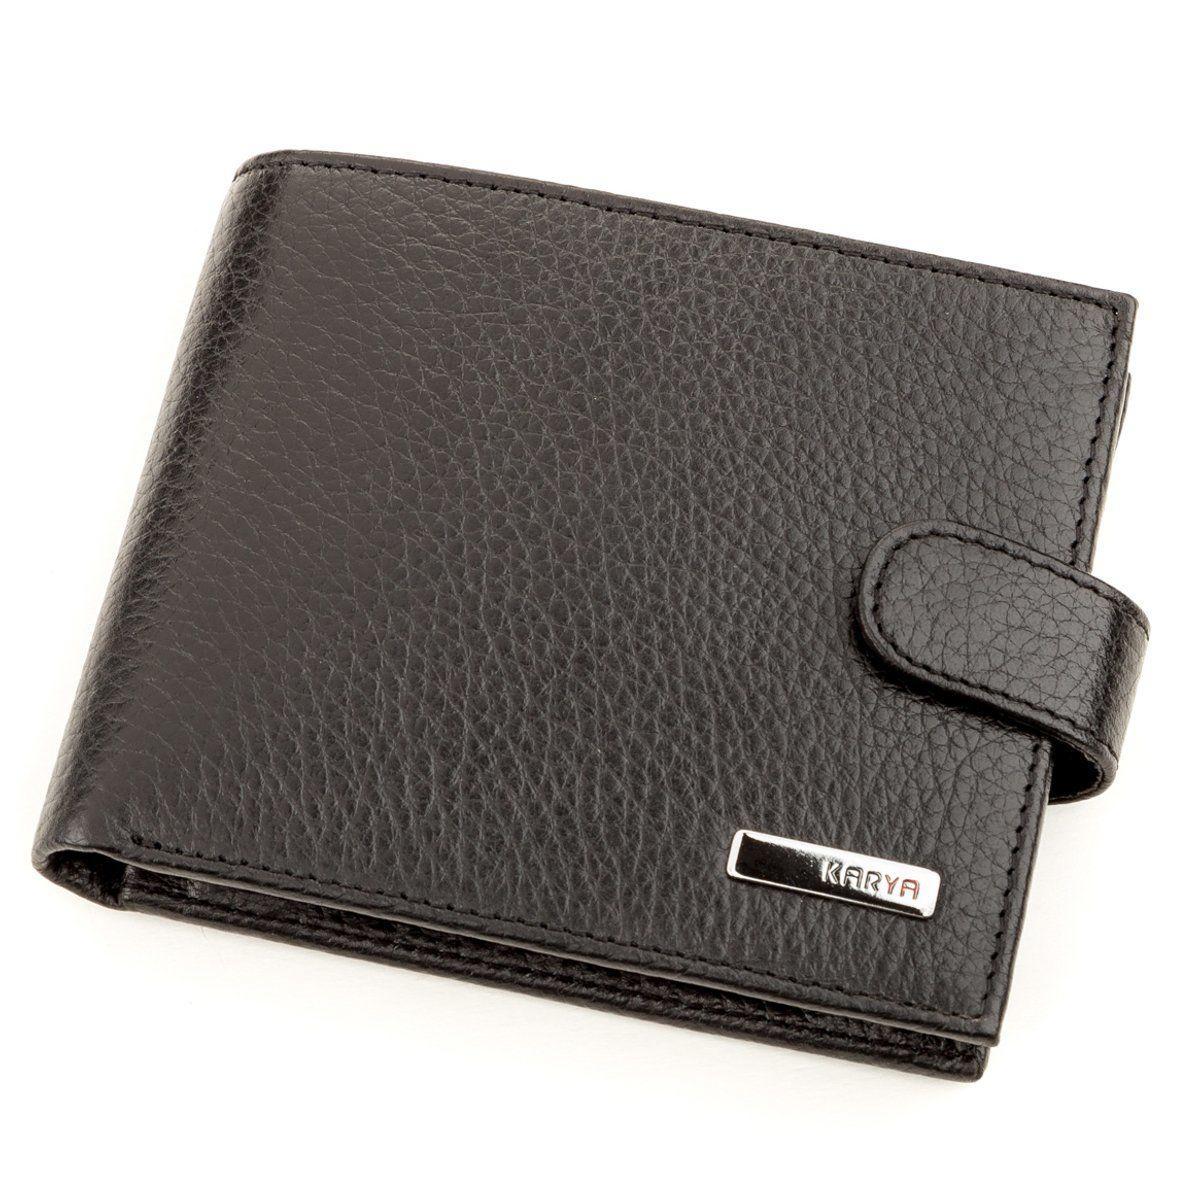 Кошелек мужской KARYA 17230 кожаный Черный, Черный